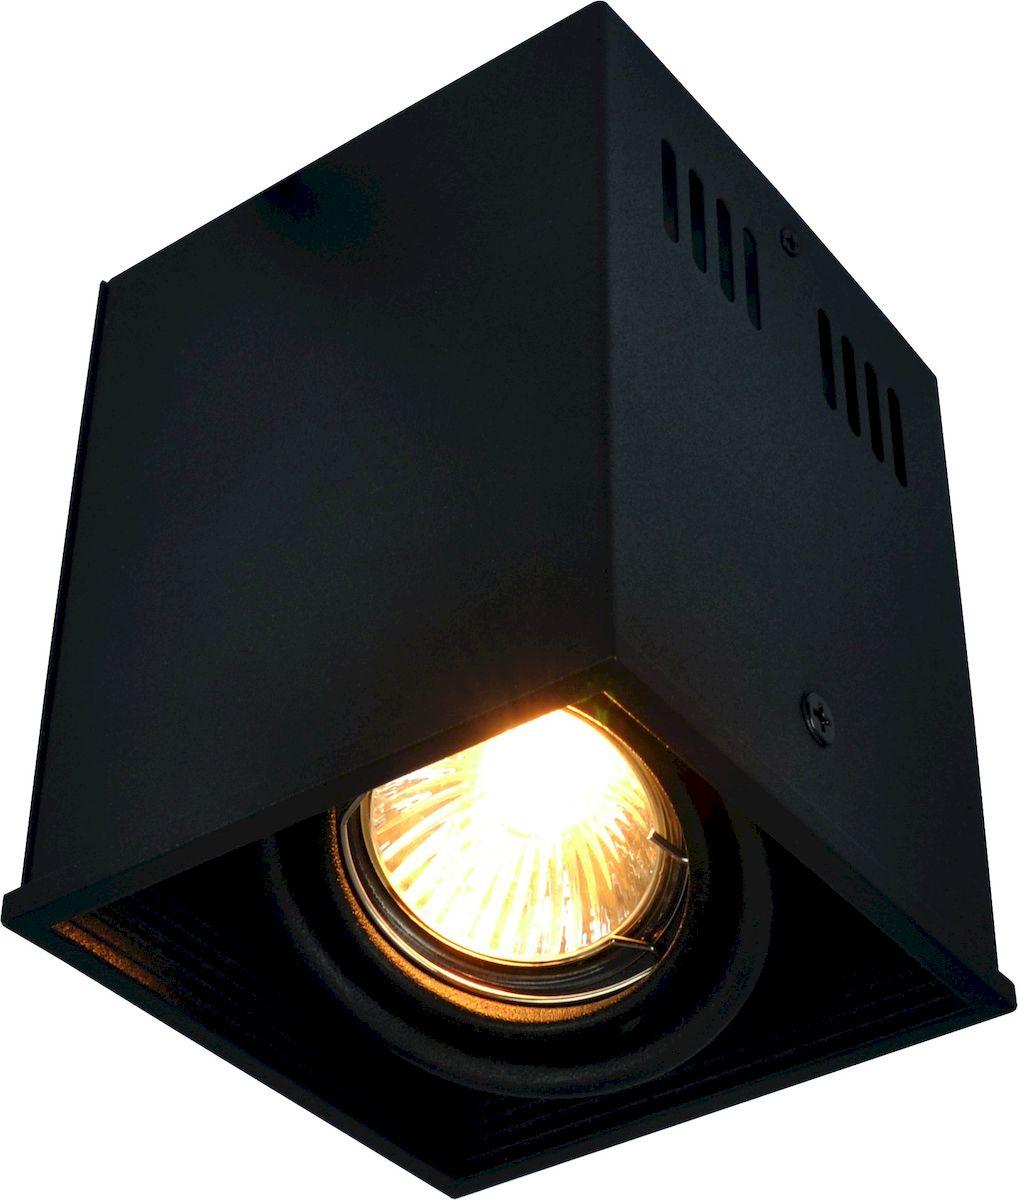 Светильник потолочный Arte Lamp CARDANI A5942PL-1BK накладной светильник arte lamp cardani a5942pl 3wh